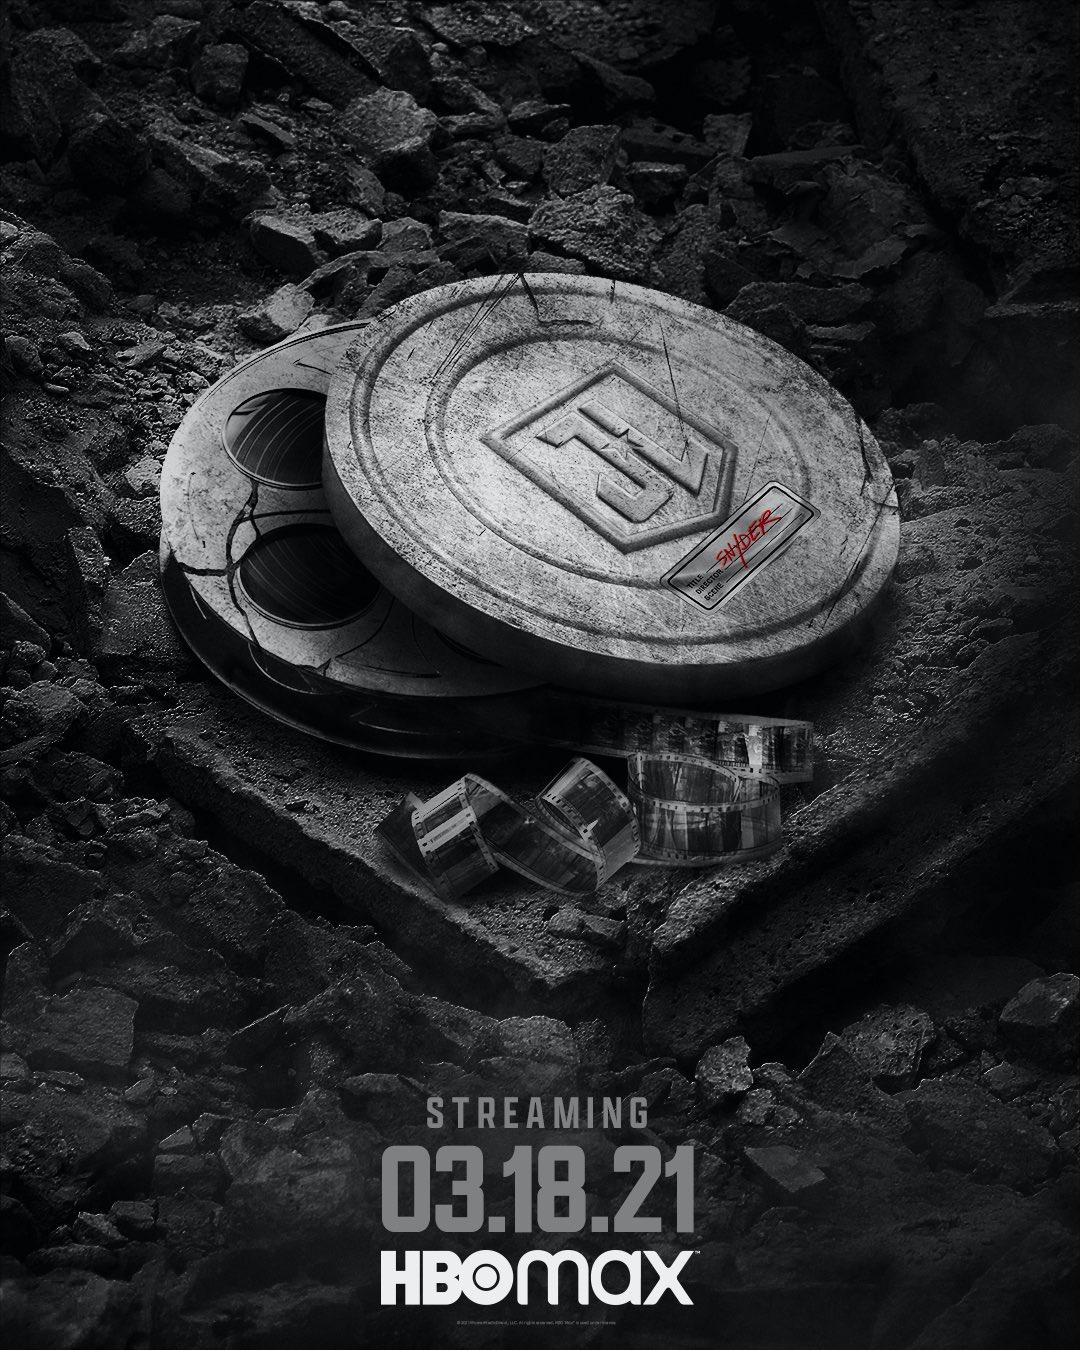 Justice League [Warner - 2017/2021] Es6AA-AXEAAlpwu?format=jpg&name=large